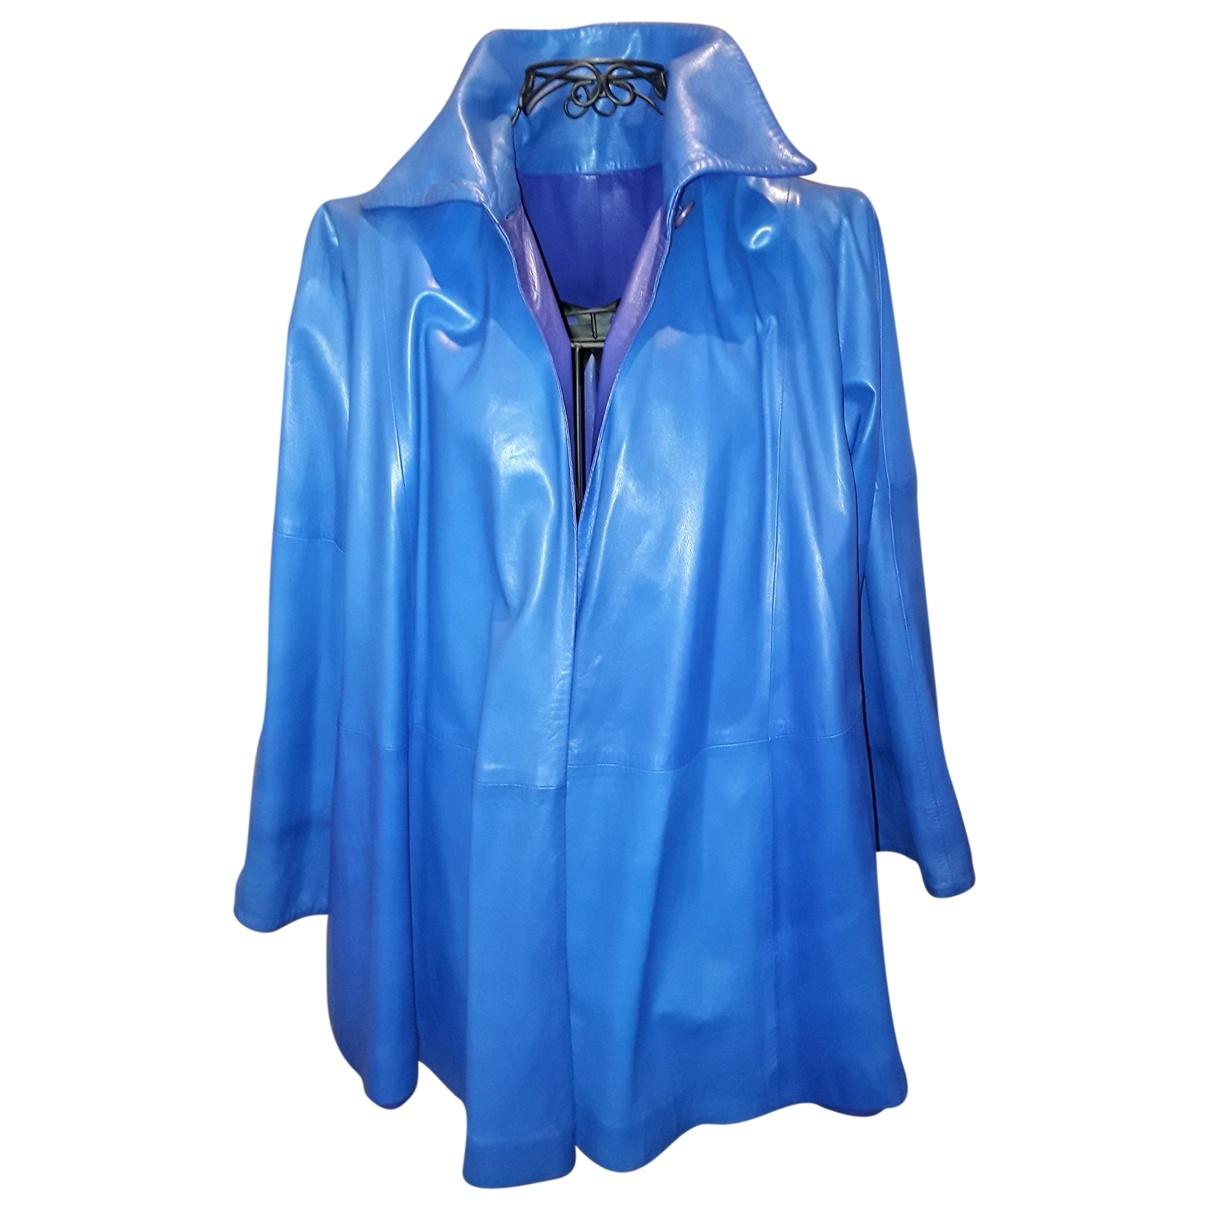 Gianfranco Ferré \N Blue Leather coat for Women 44 IT